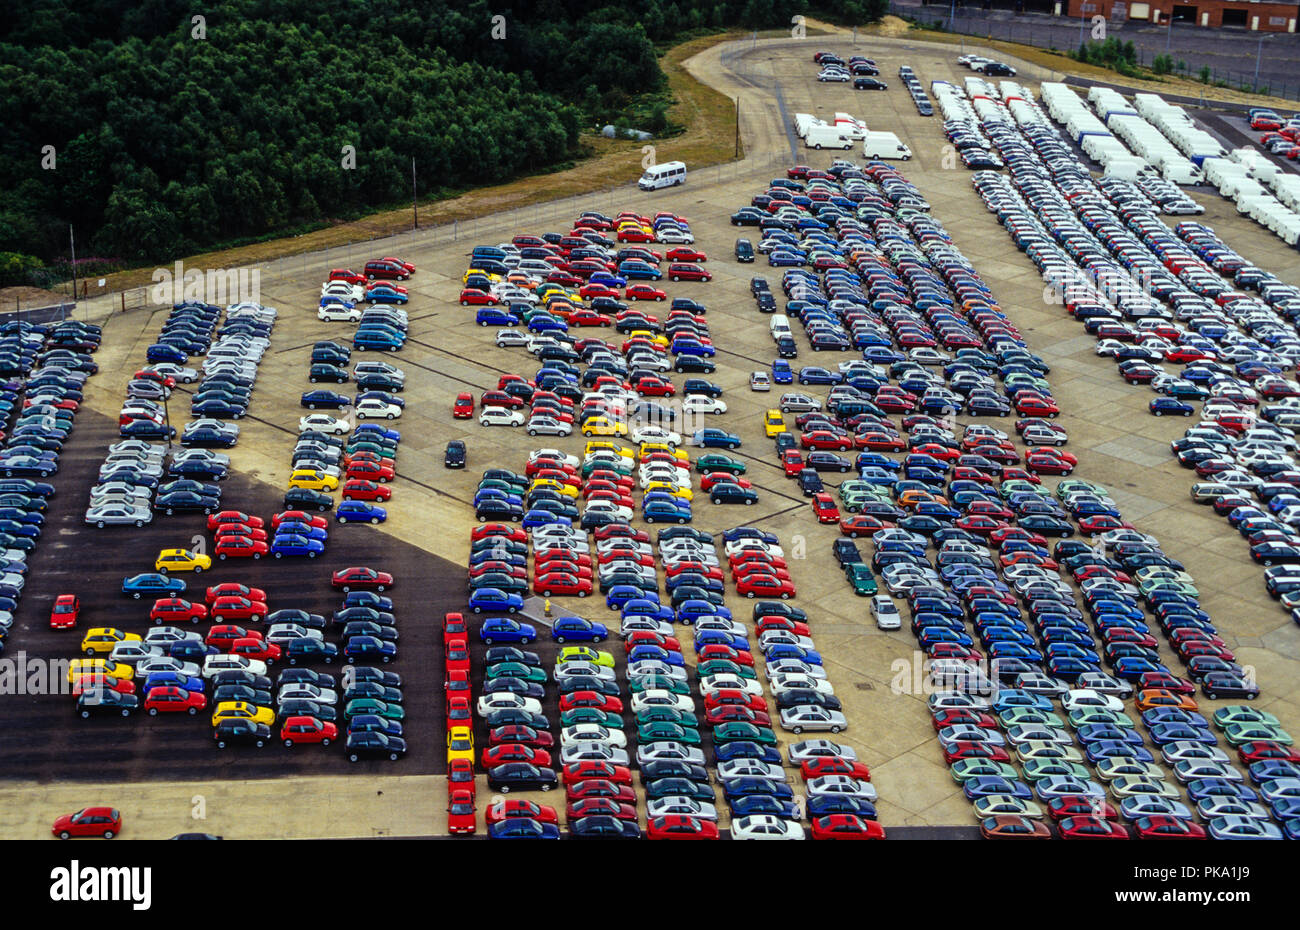 Vista aérea, Alquiler de almacenamiento, el nuevo parque de Greenham, de Greenham Common, Newbury, Berkshire, Inglaterra, Reino Unido, GB. Imagen De Stock